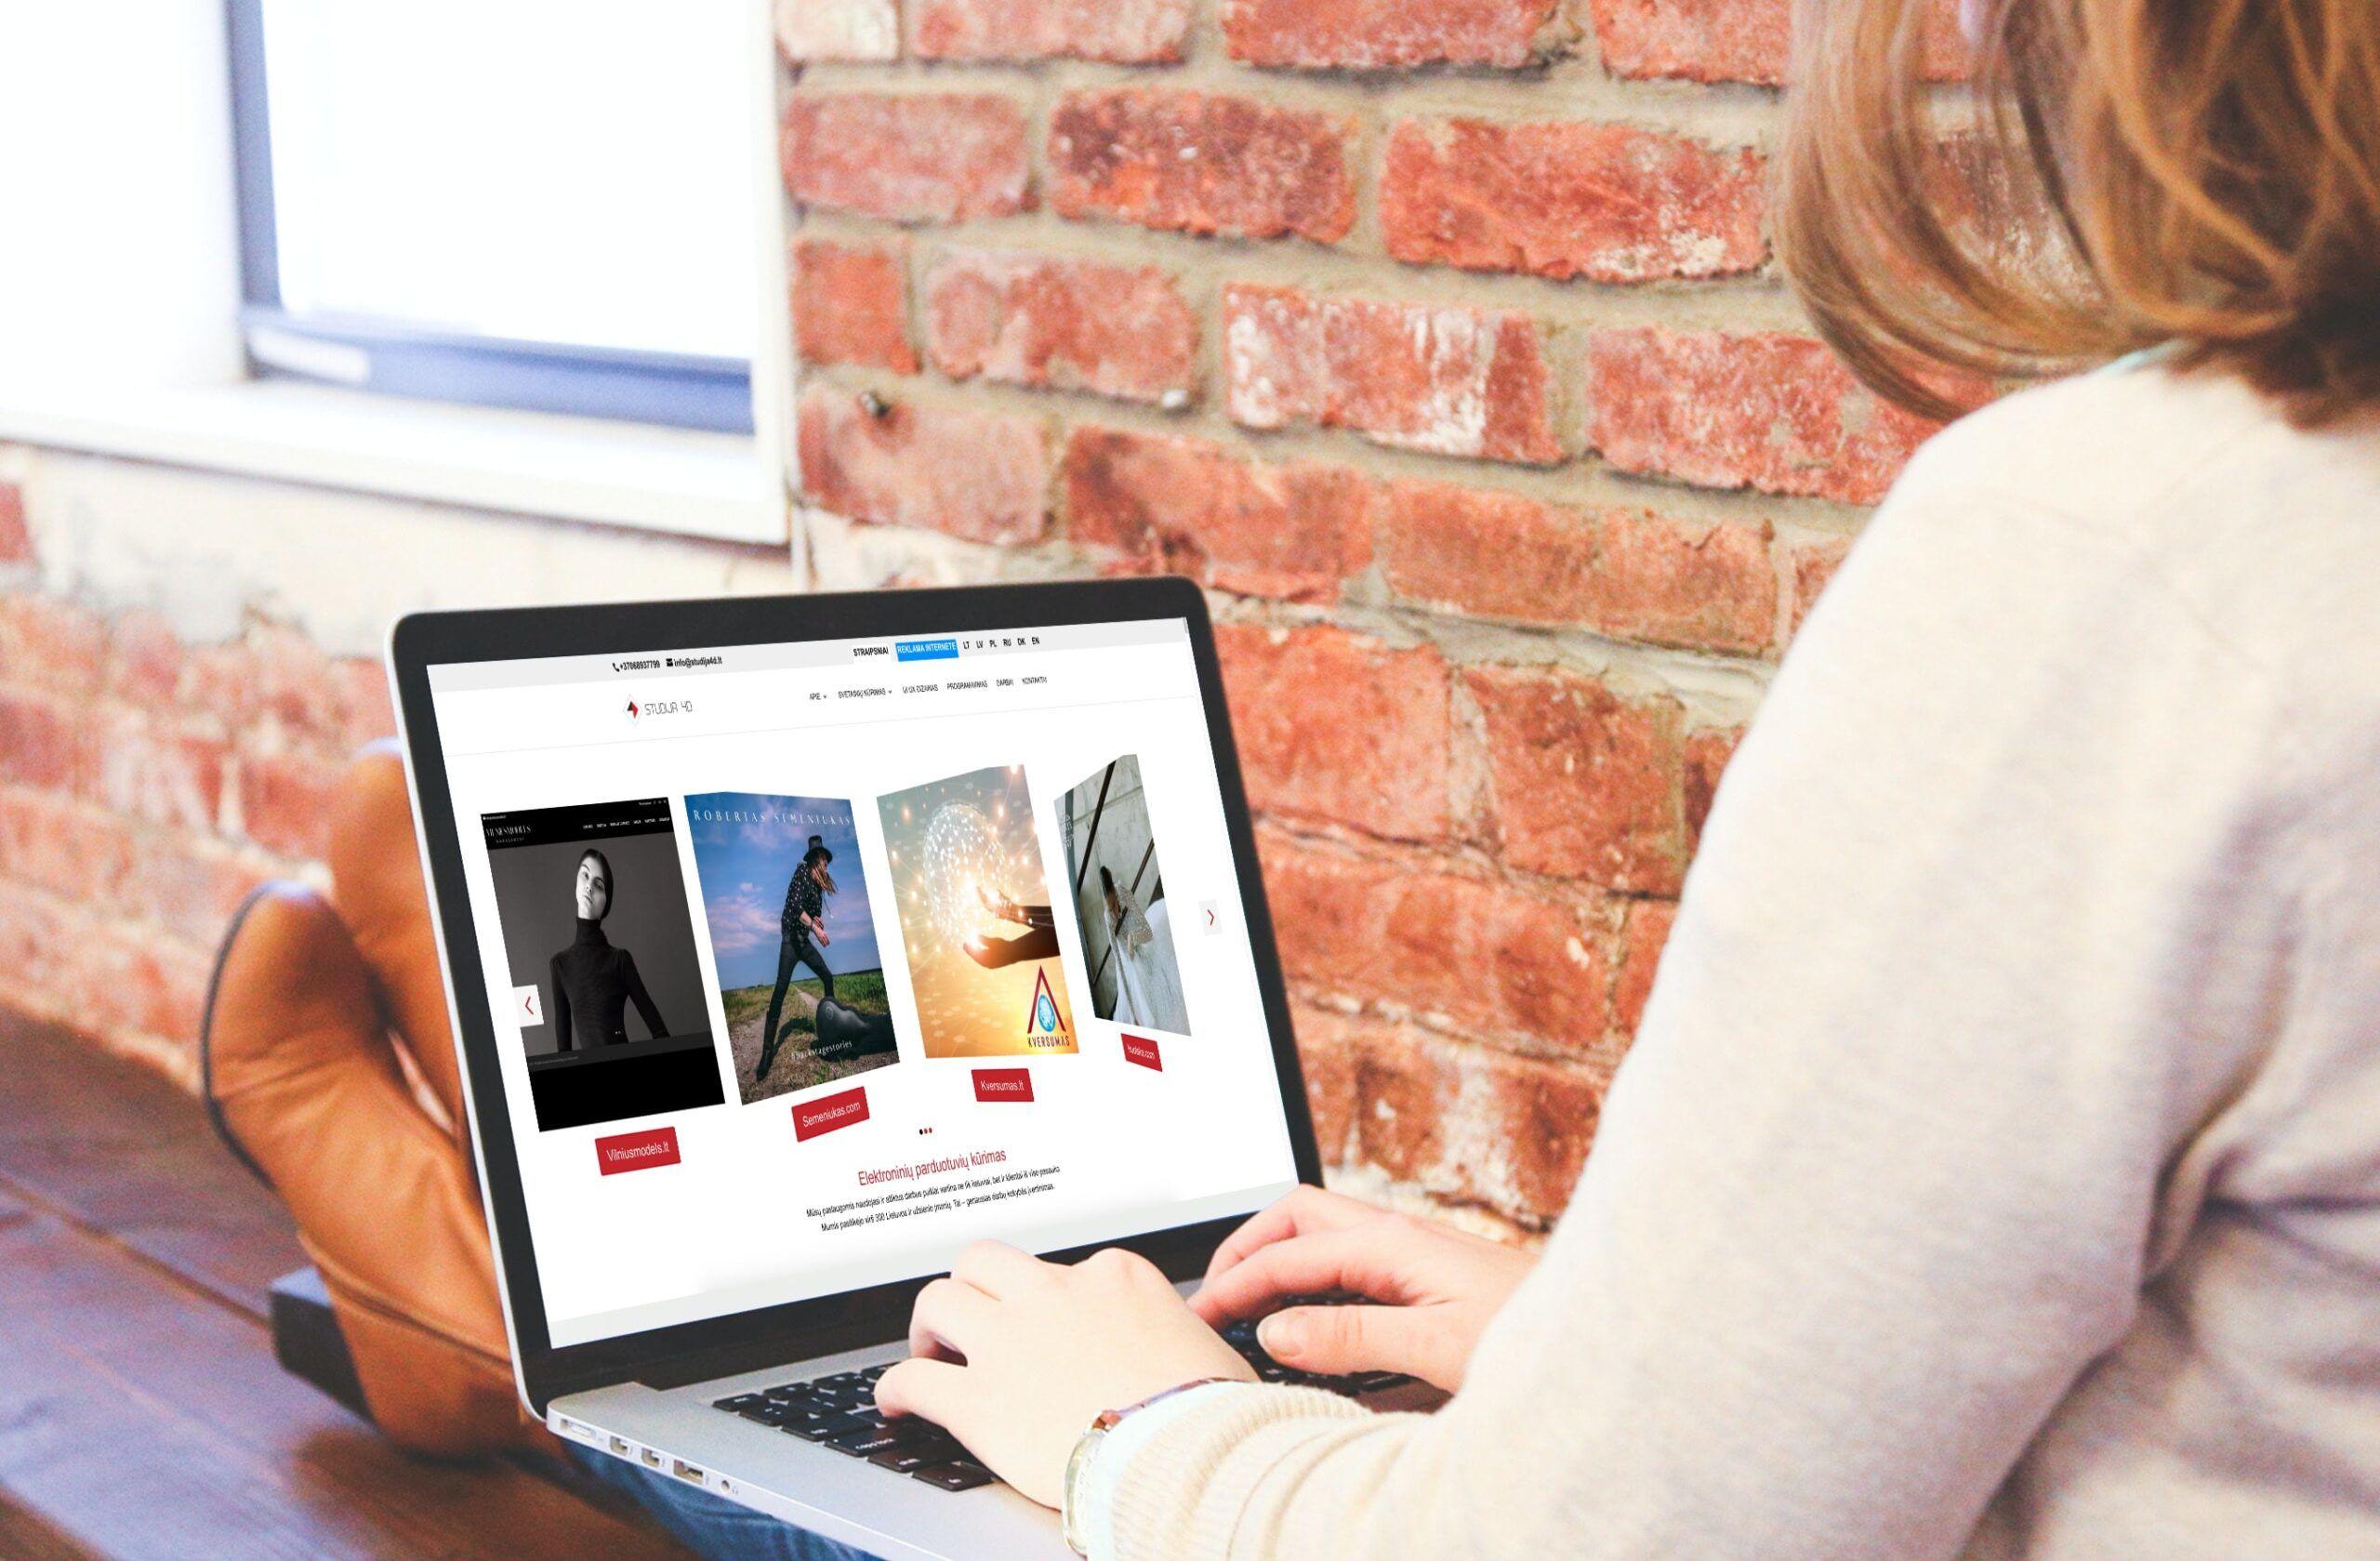 internetiniu parduotuviu kurimas, internetines parduotuves kurimas